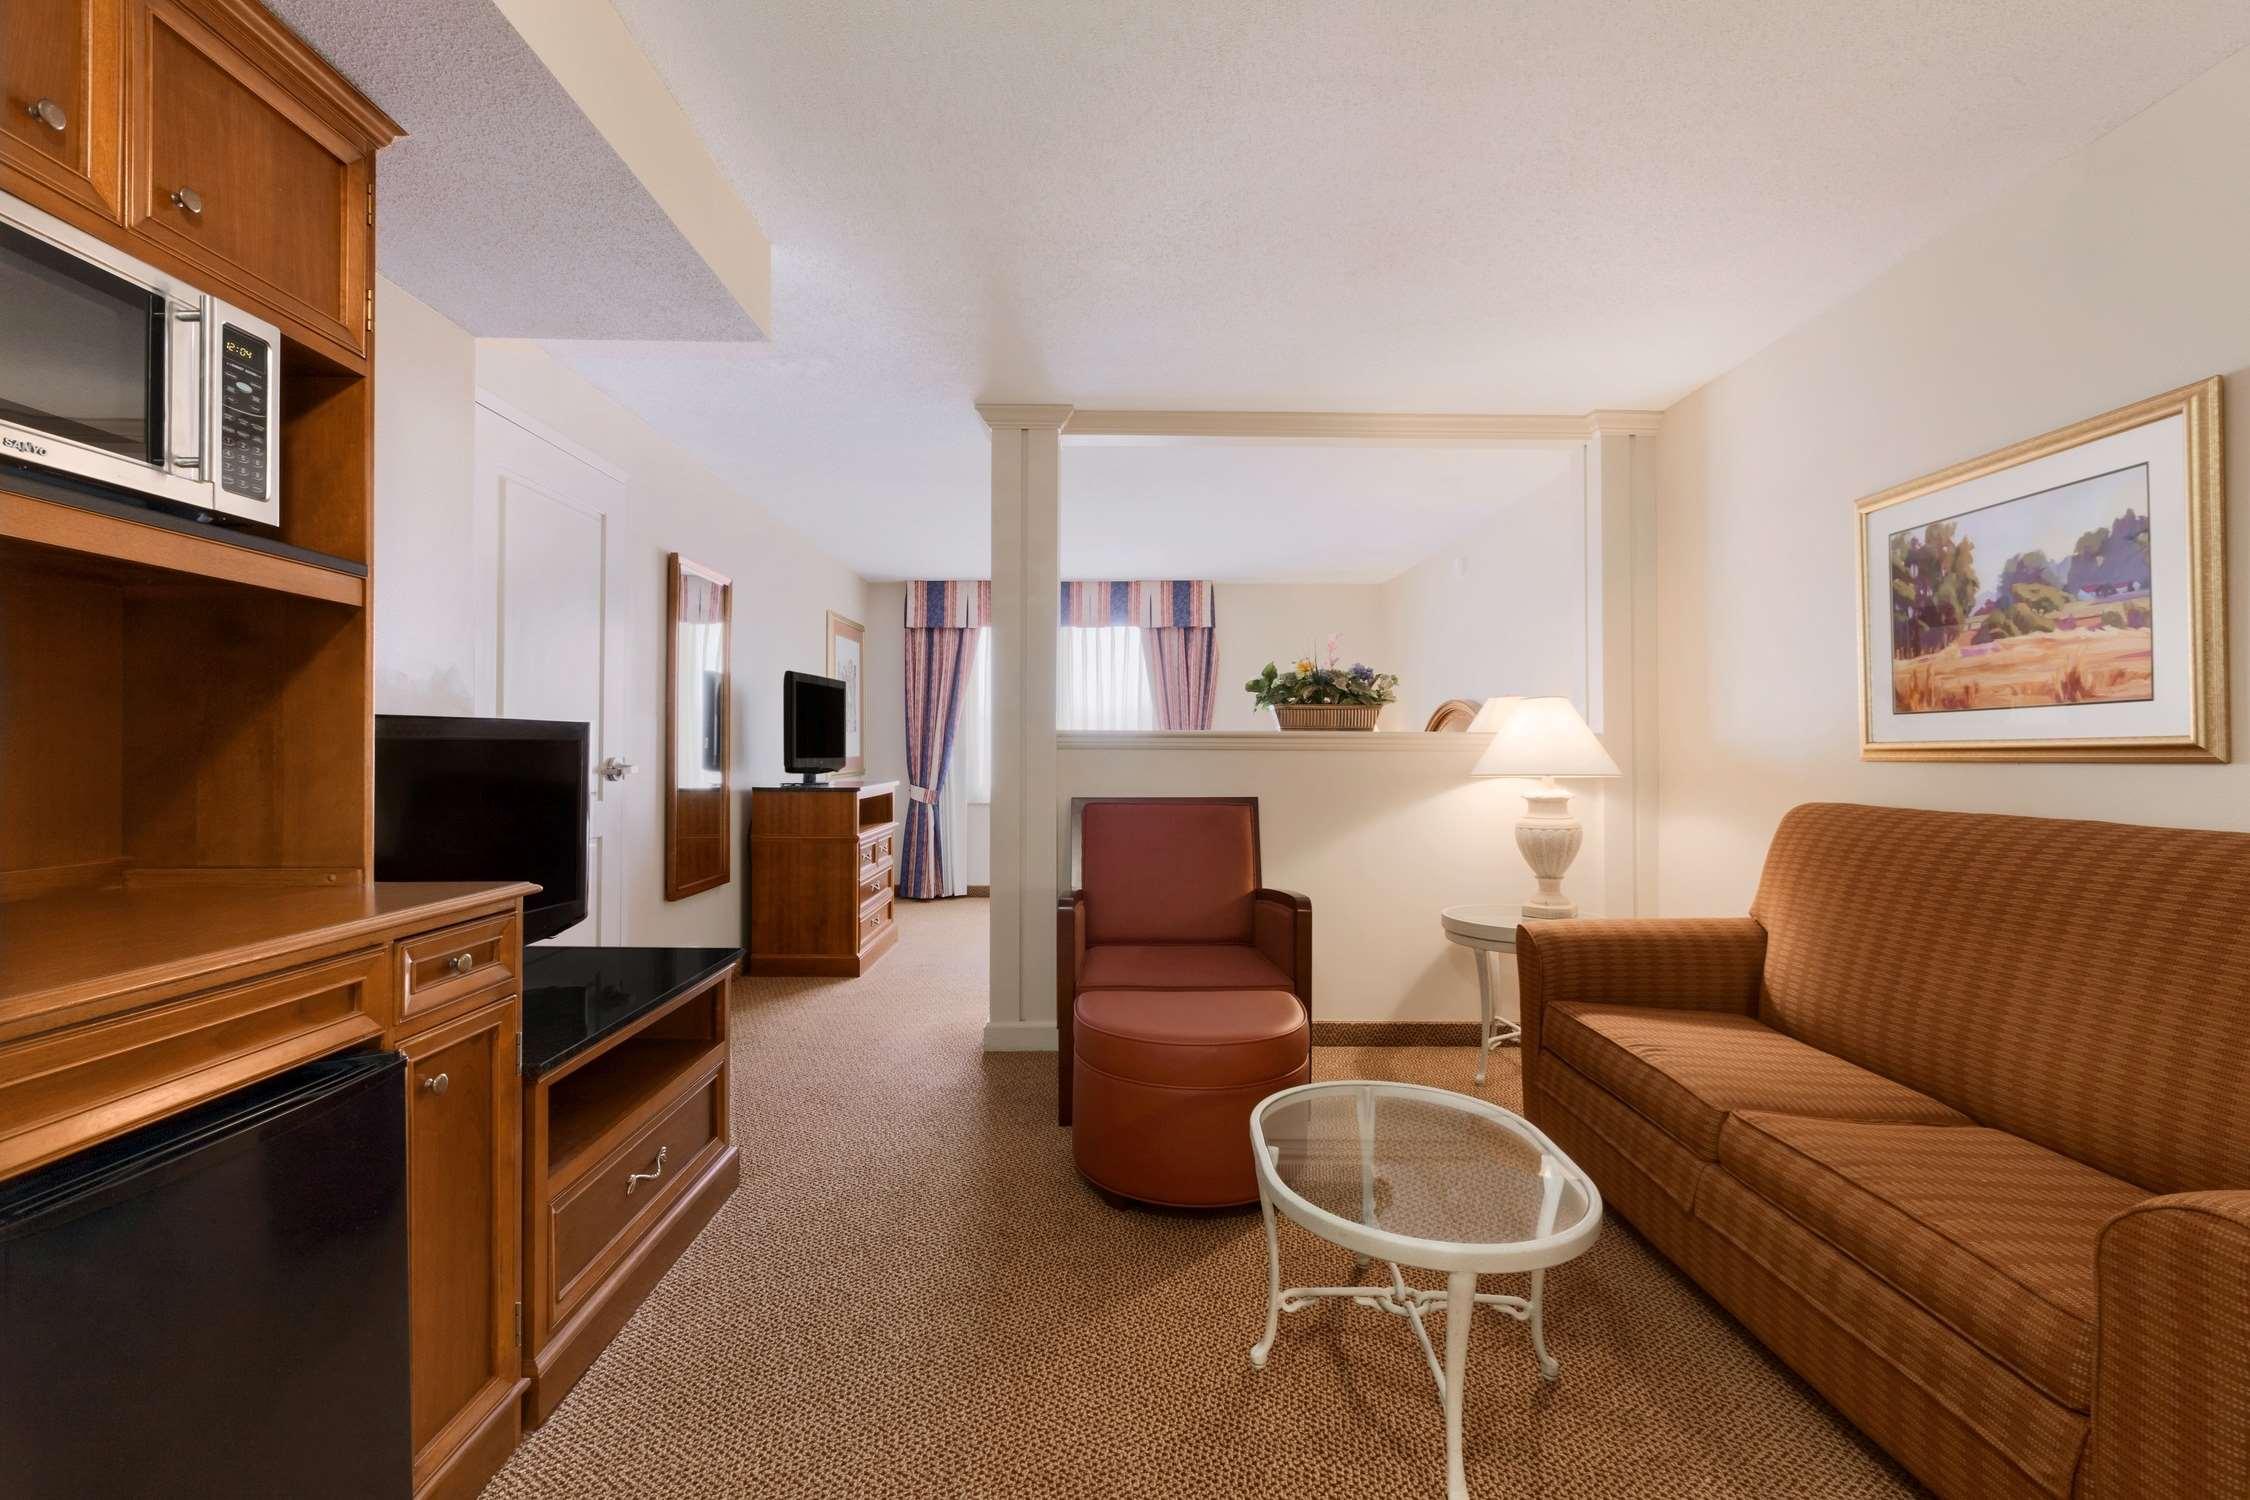 Hilton Garden Inn Syracuse image 16